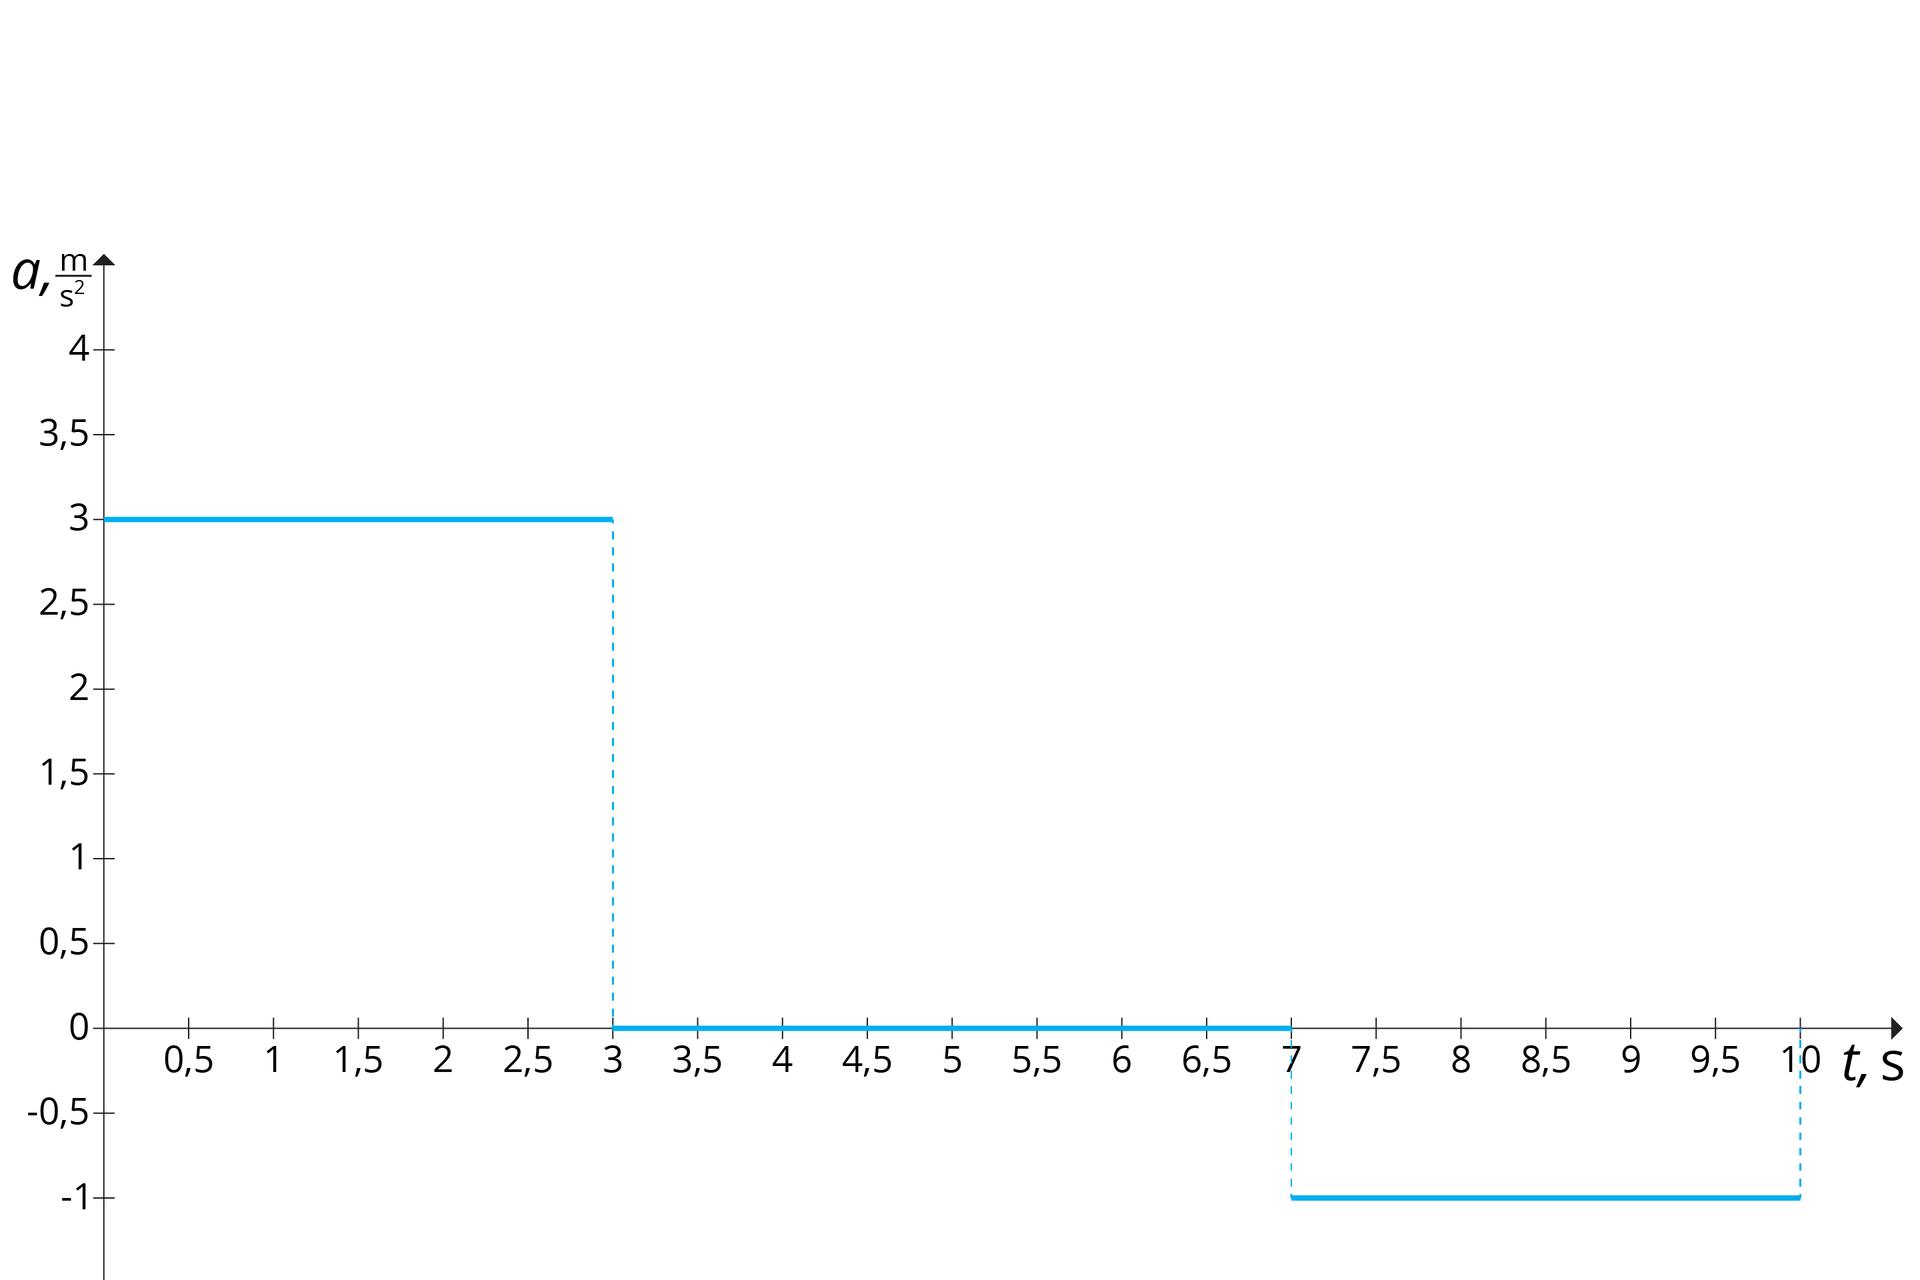 """Schemat przedstawia wykres zależności przyśpieszenia od czasu. Tło białe. Osie odciętych od 0 do 10, co 0,5; opisana """"t, s"""". Oś rzędnych od -1 do 4, co 0,5; opisana """"a, m/s do kwadratu"""". Wykres składa się ztrzech niebieskich odcinków. Pierwszy: początek (0, 3) ikoniec (3, 3). Drugi: początek (3, 0) ikoniec (7, 0). Trzeci: początek (7, -1) ikoniec (10, -1)."""